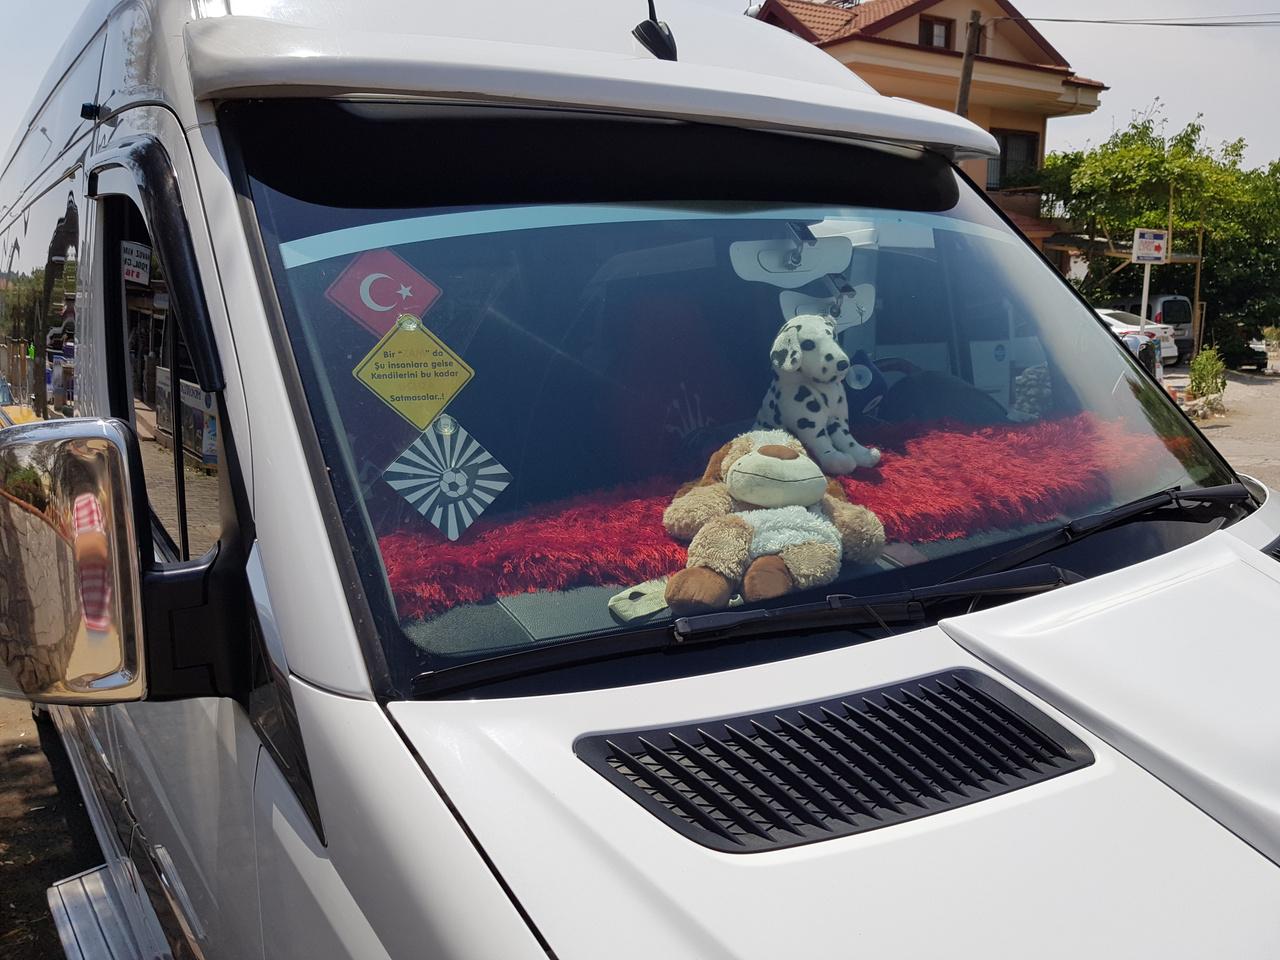 Műszerfal UV védelme és plüsskutya kiállítás kimaxolva. Sok autóban akár méretre gyártott szőnyeggel, dizájnos burkolattal védik a tűző nap ereje ellen a műszerfalat, ami ezen a klímán évek alatt képes szétrepedni, elporladni